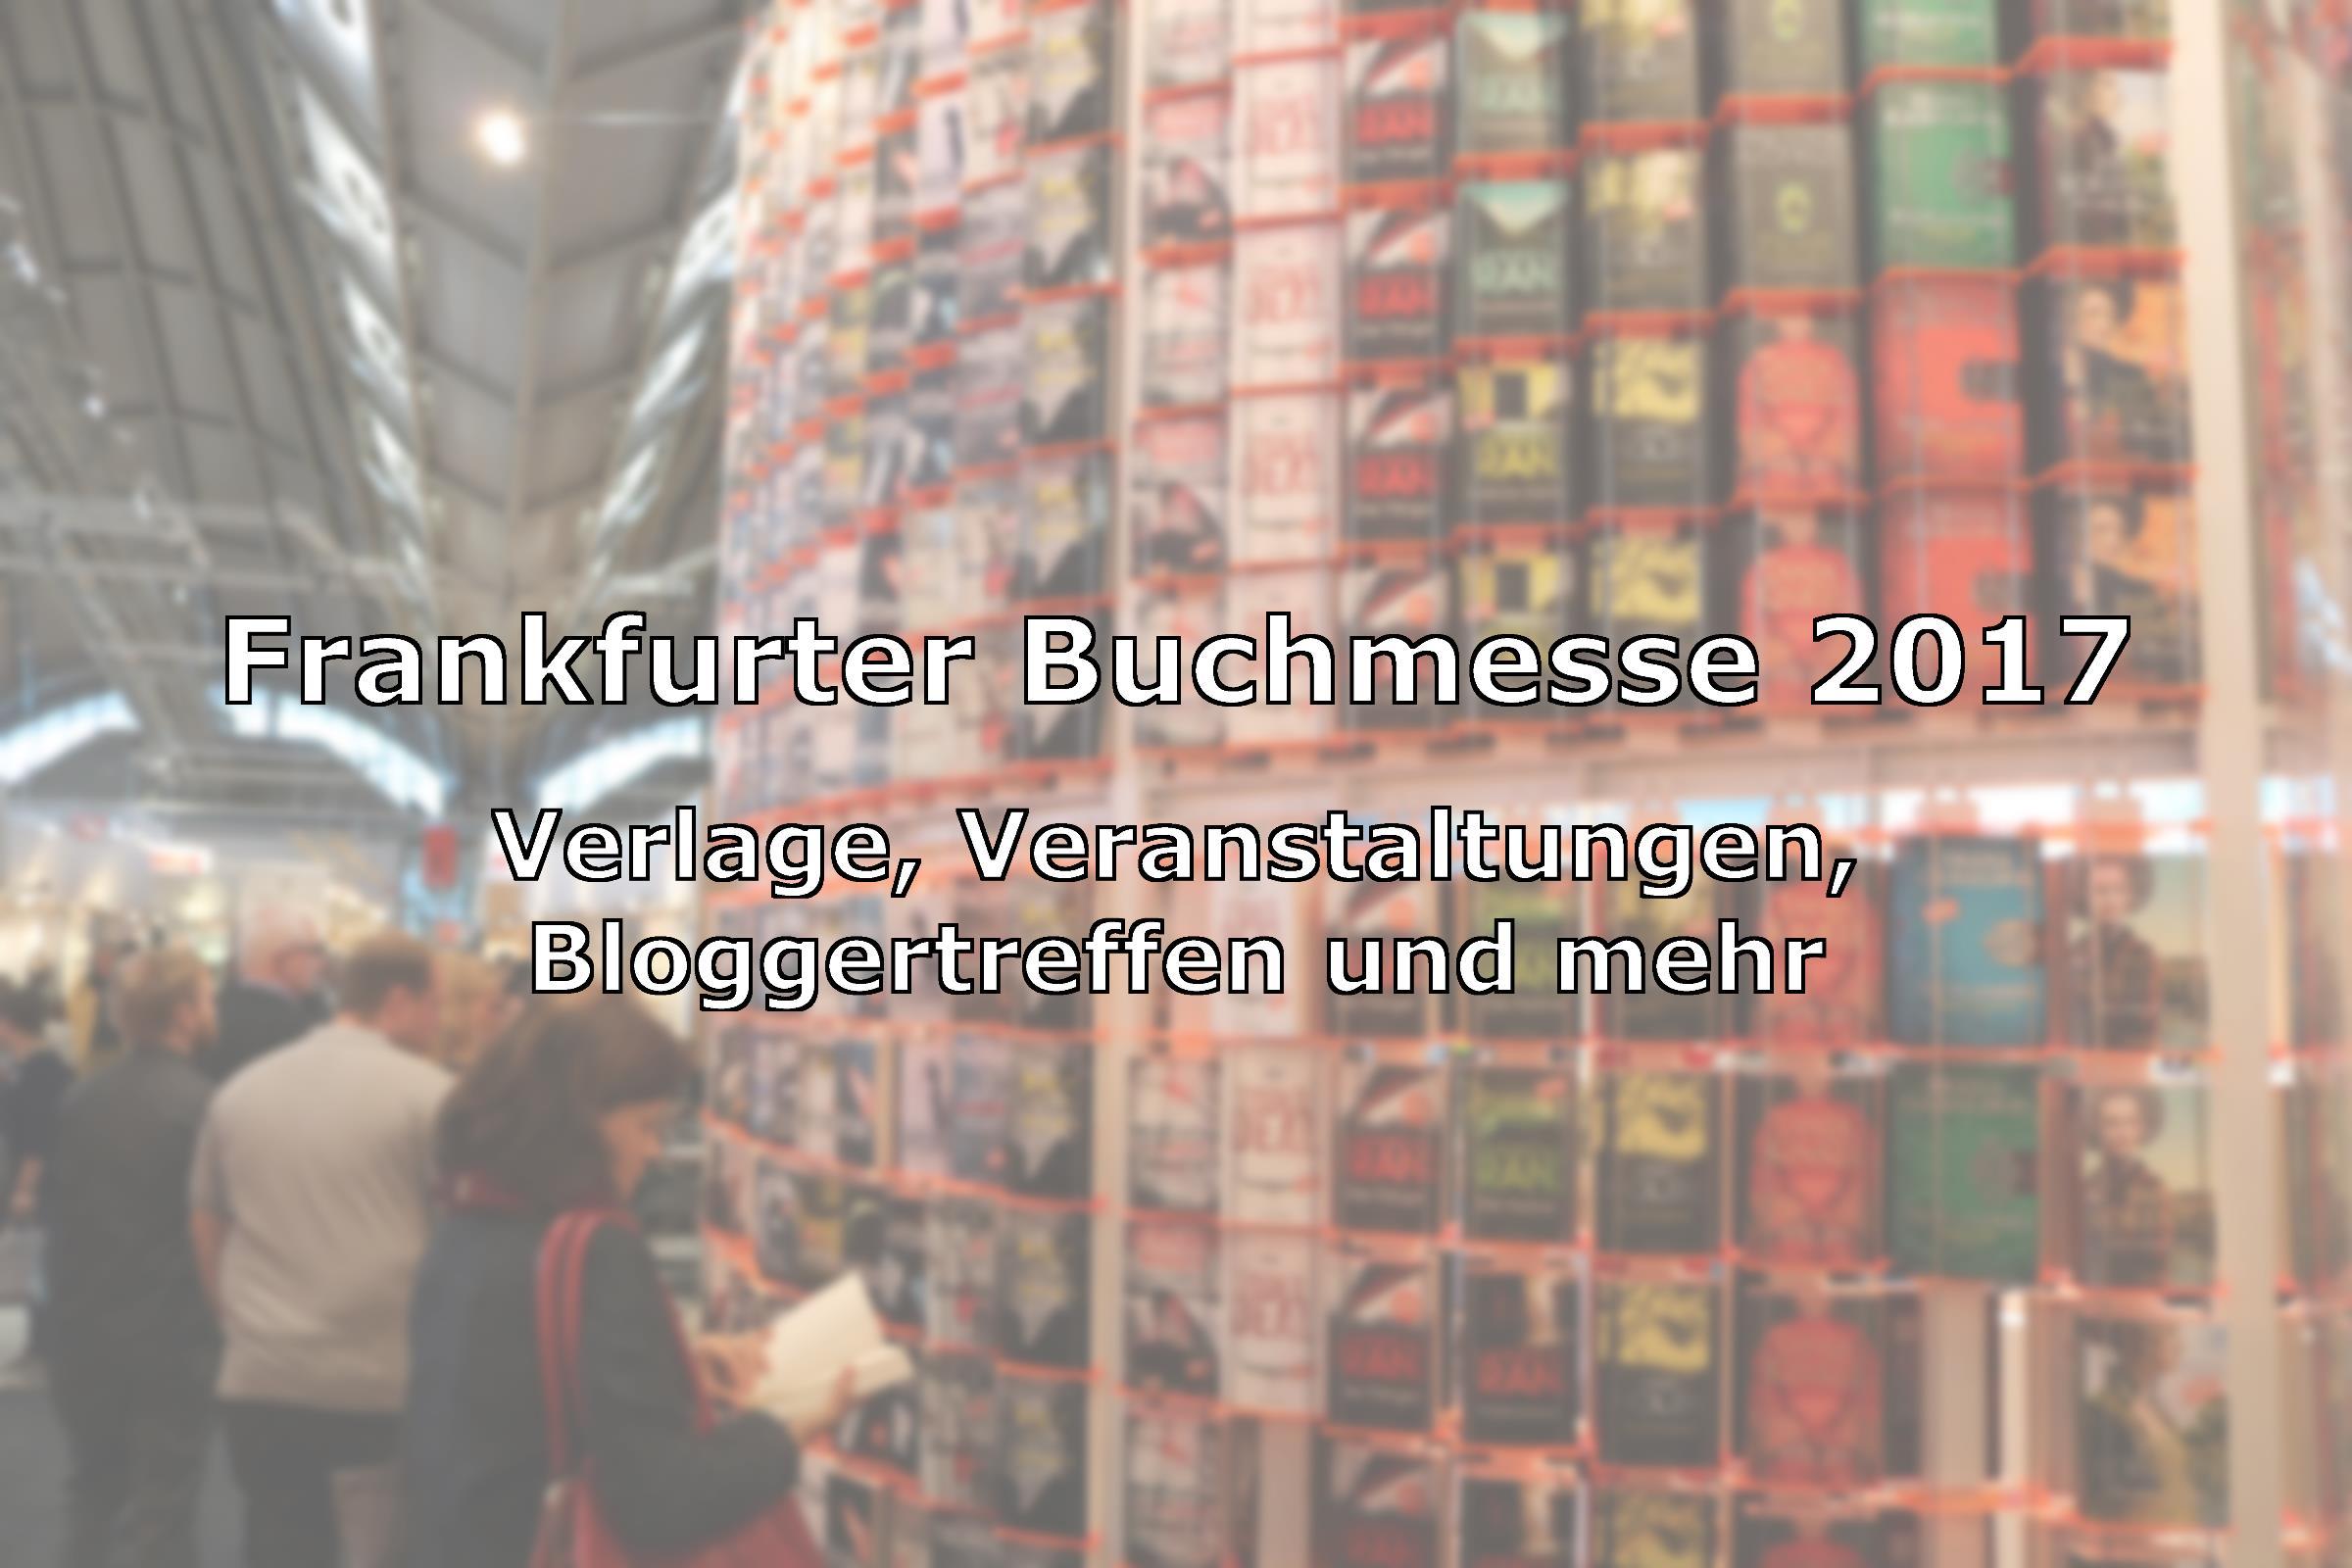 Frankfurter Buchmesse 2017 - Verlage, Veranstaltungen, Bloggertreffen und mehr